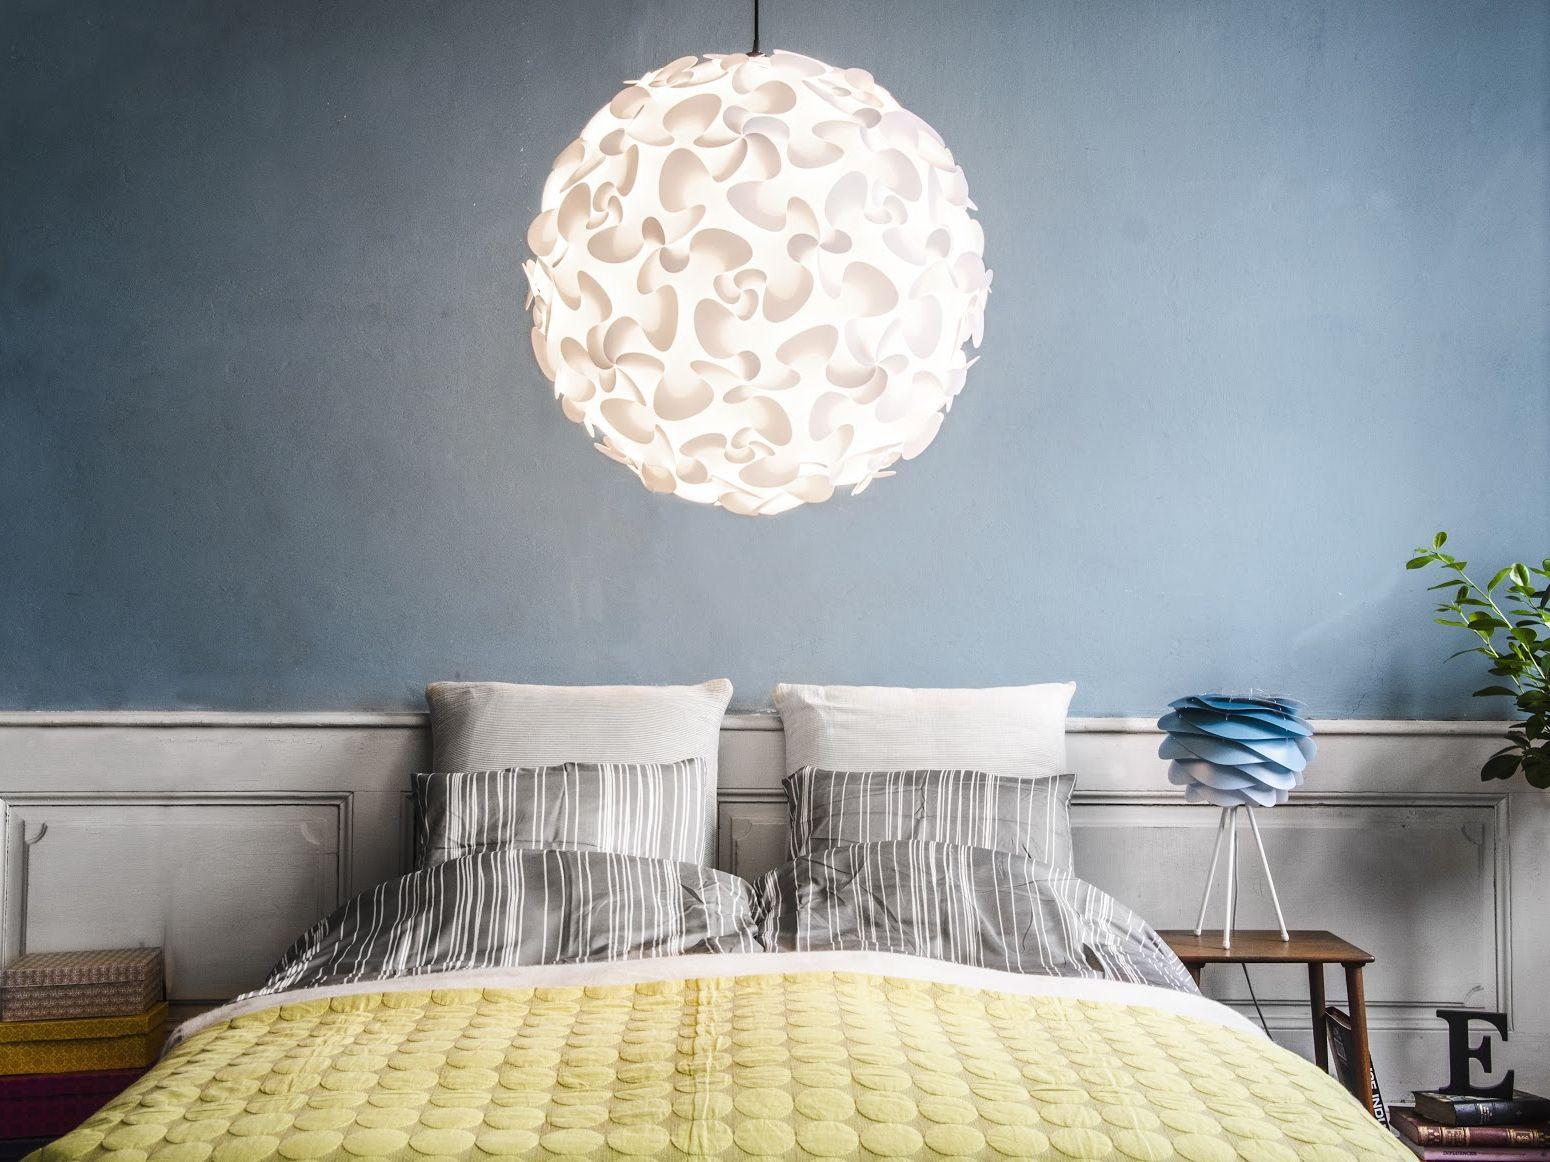 Design Hanglamp Slaapkamer : Haal de maan naar je slaapkamer en creeer een dromerige uistraling